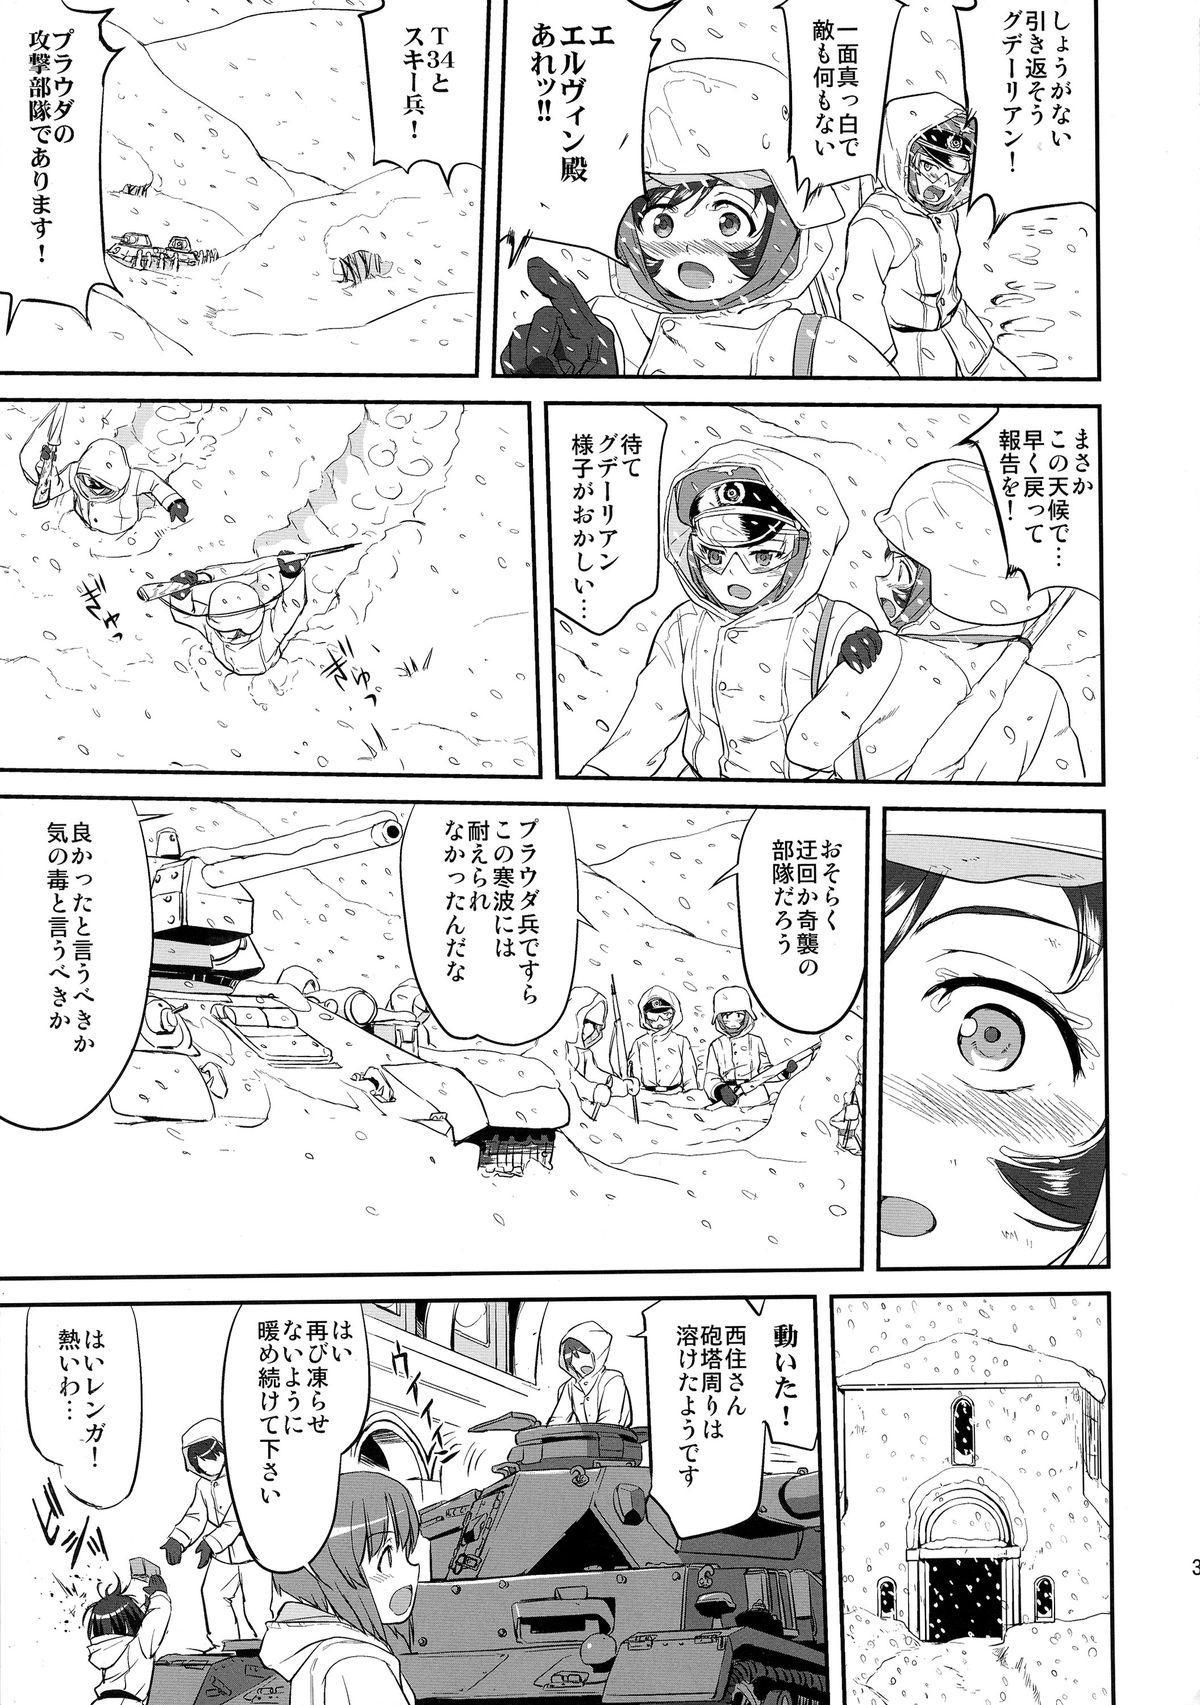 Yukiyukite Senshadou Battle of Pravda 36